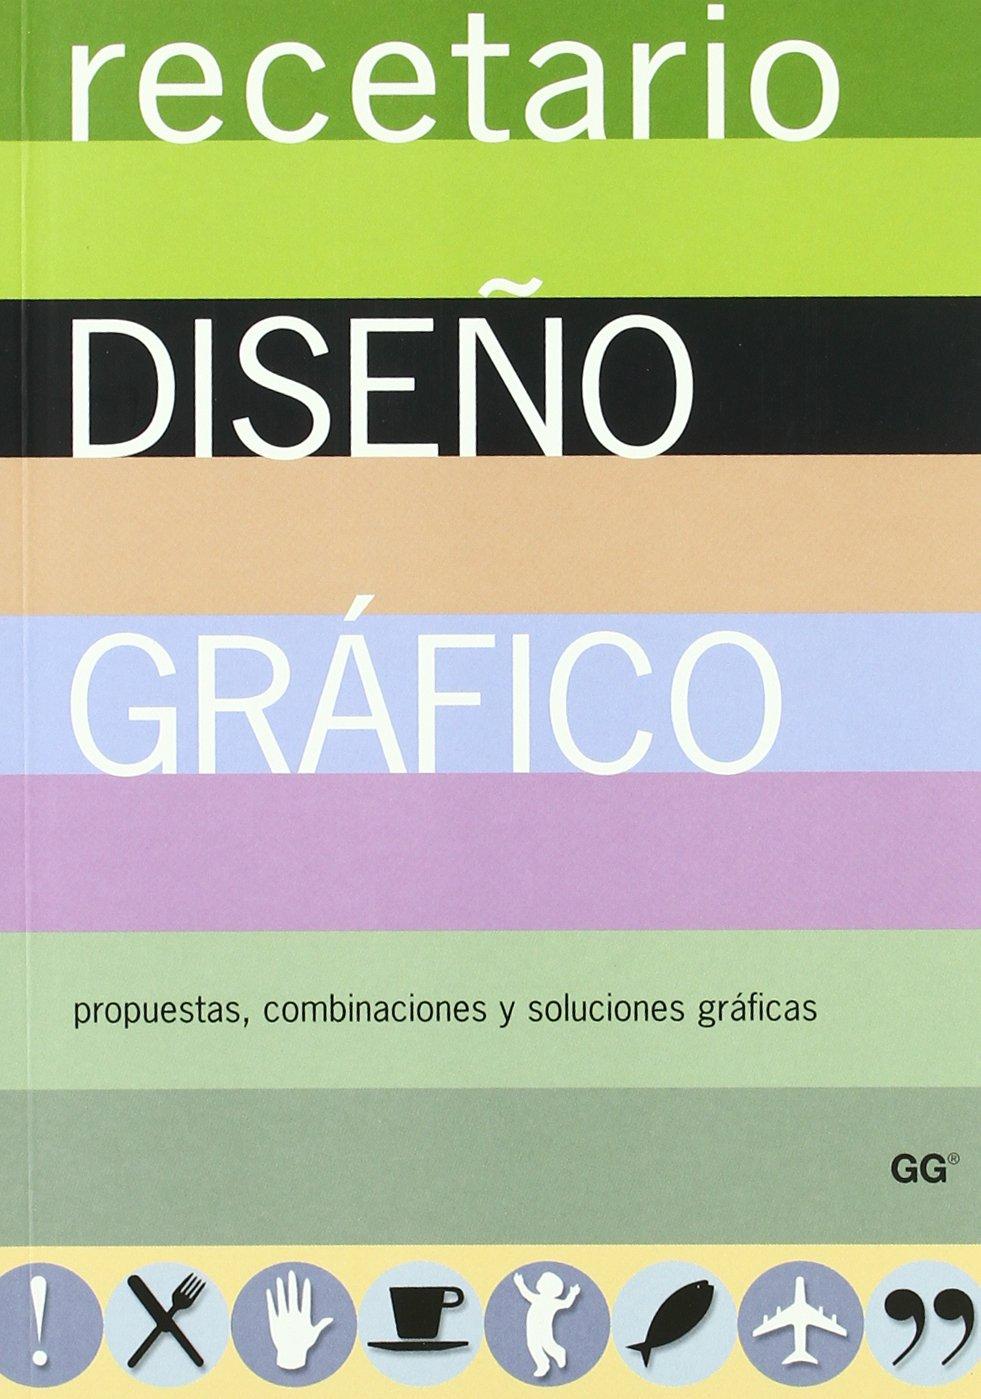 Libro Recetario de diseño gráfico. Propuestas Pasta blanda - Amazon